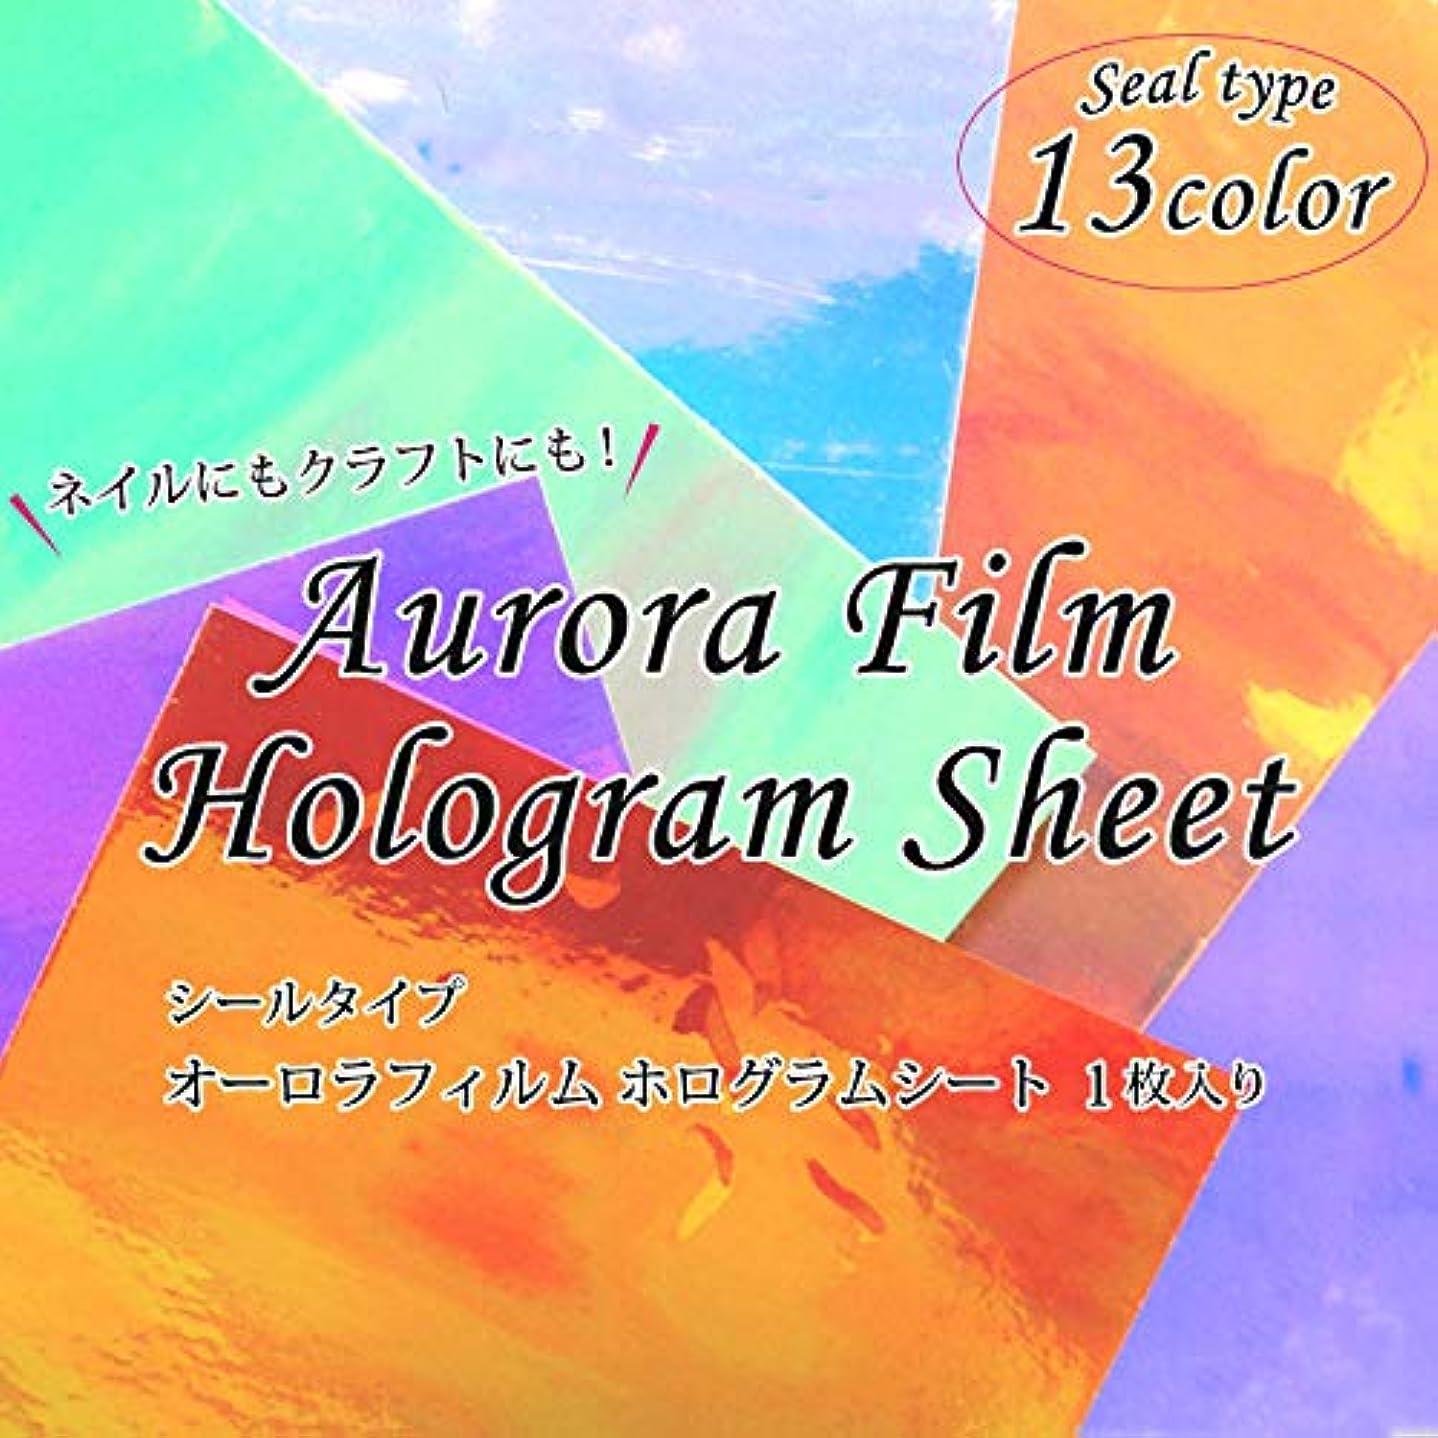 トラフ生き残り変えるシールタイプ オーロラフィルム ホログラムシート 1枚入り (11.シール ブルー)